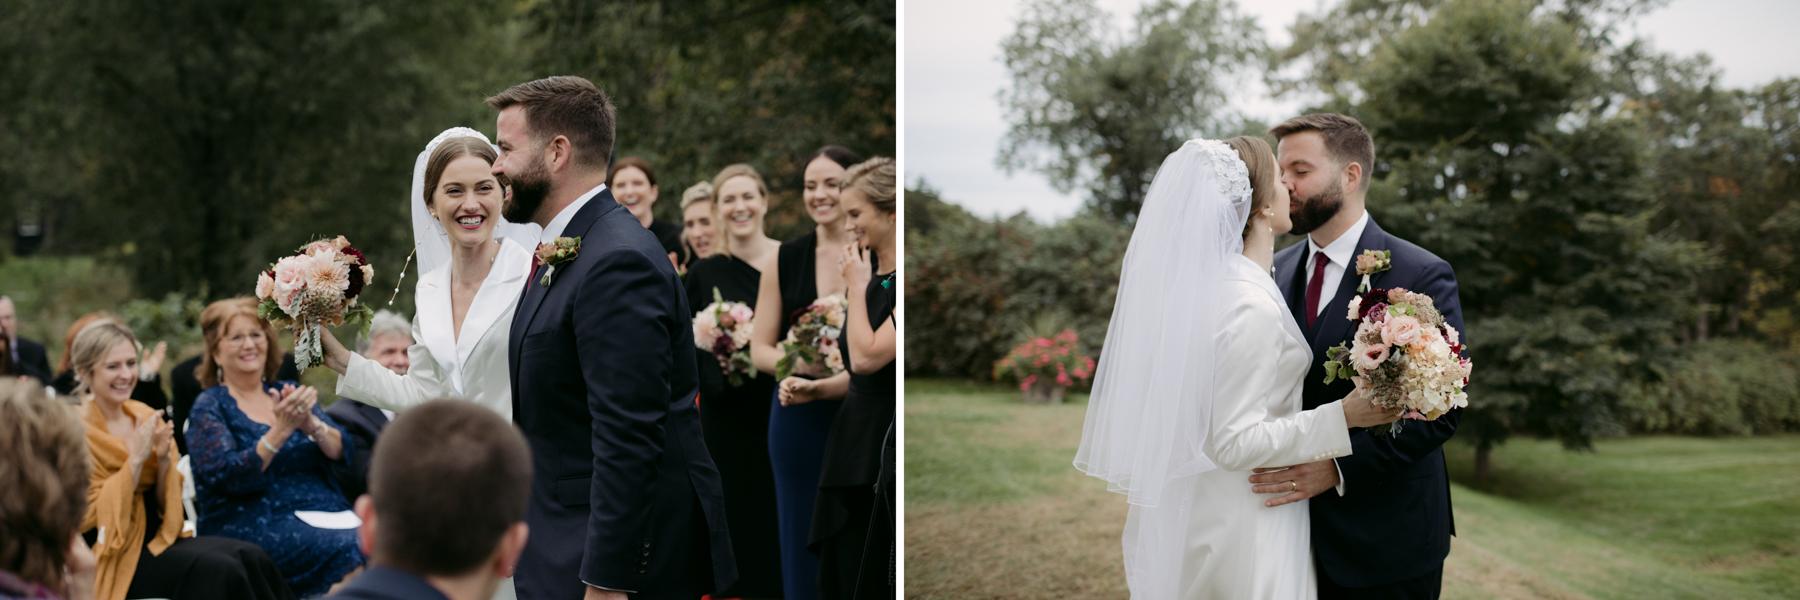 Hamilton_House_wedding_maine_Leah_Fisher_Photography-24.jpg